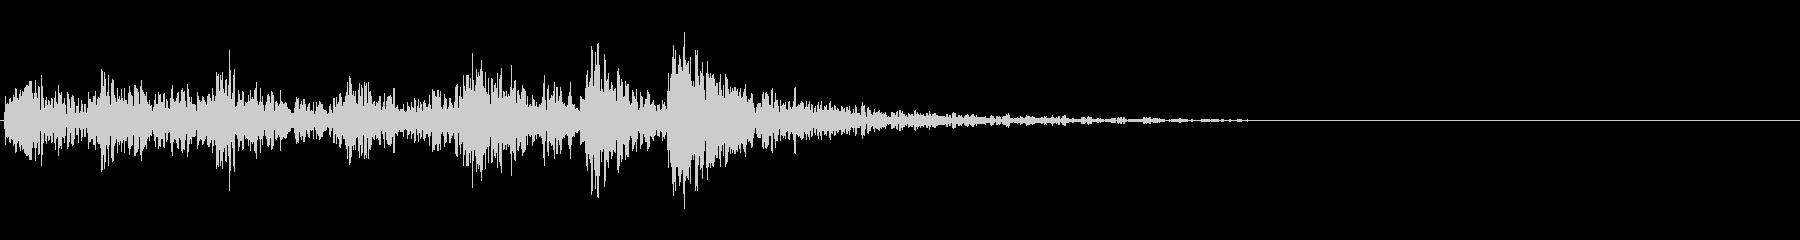 勢いのある和太鼓のジングル の未再生の波形